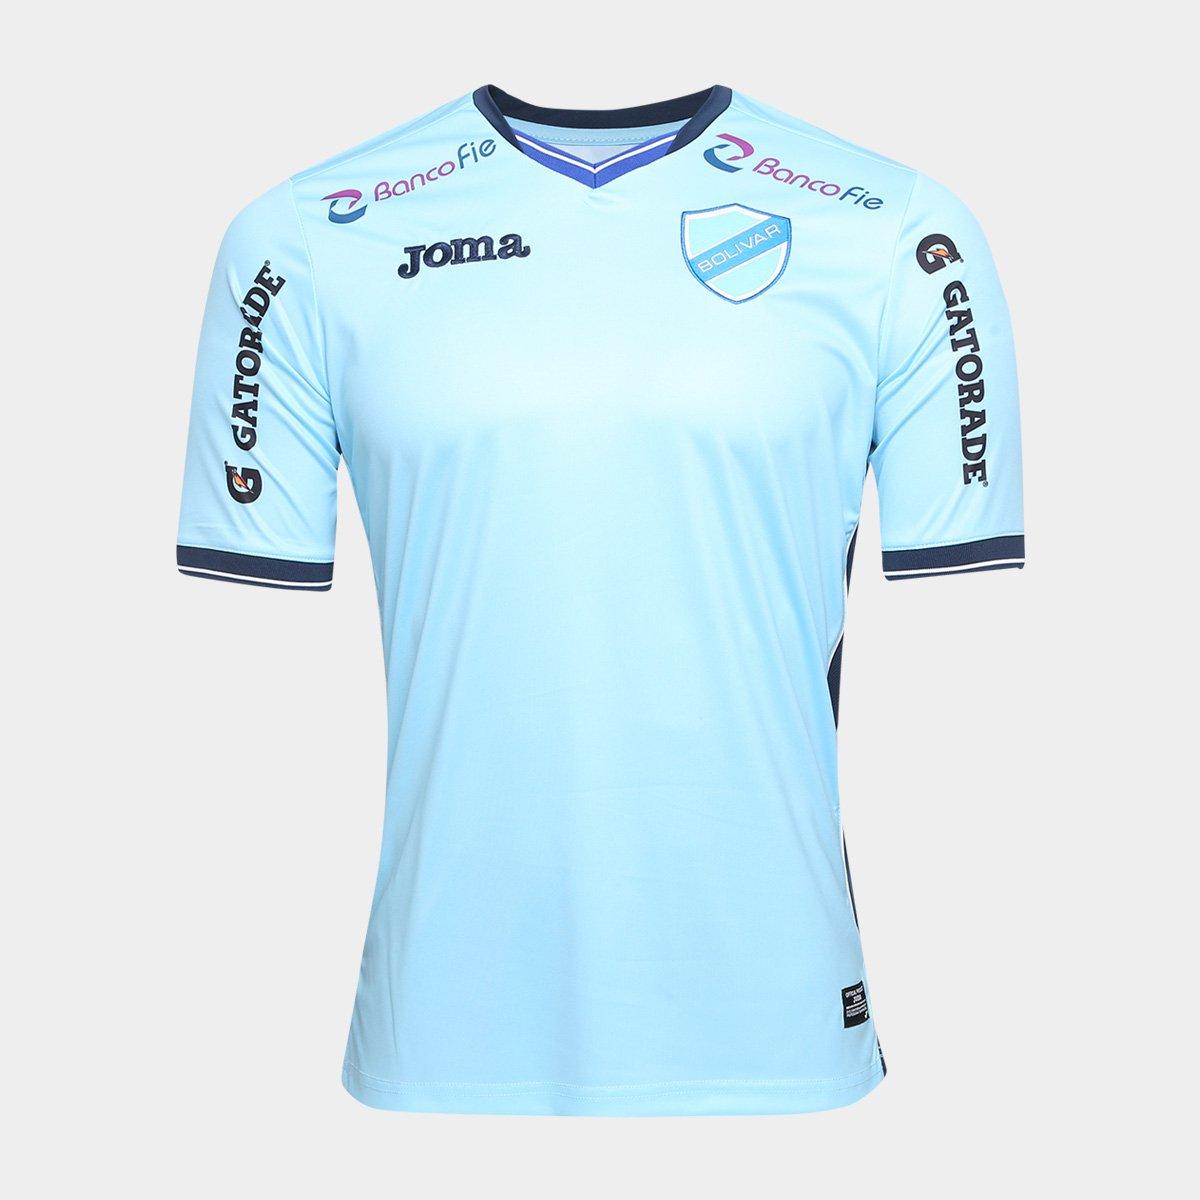 da8f535a93 Camisa Bolivar Home 17 18 s n° - Torcedor Joma Masculina - Azul ...